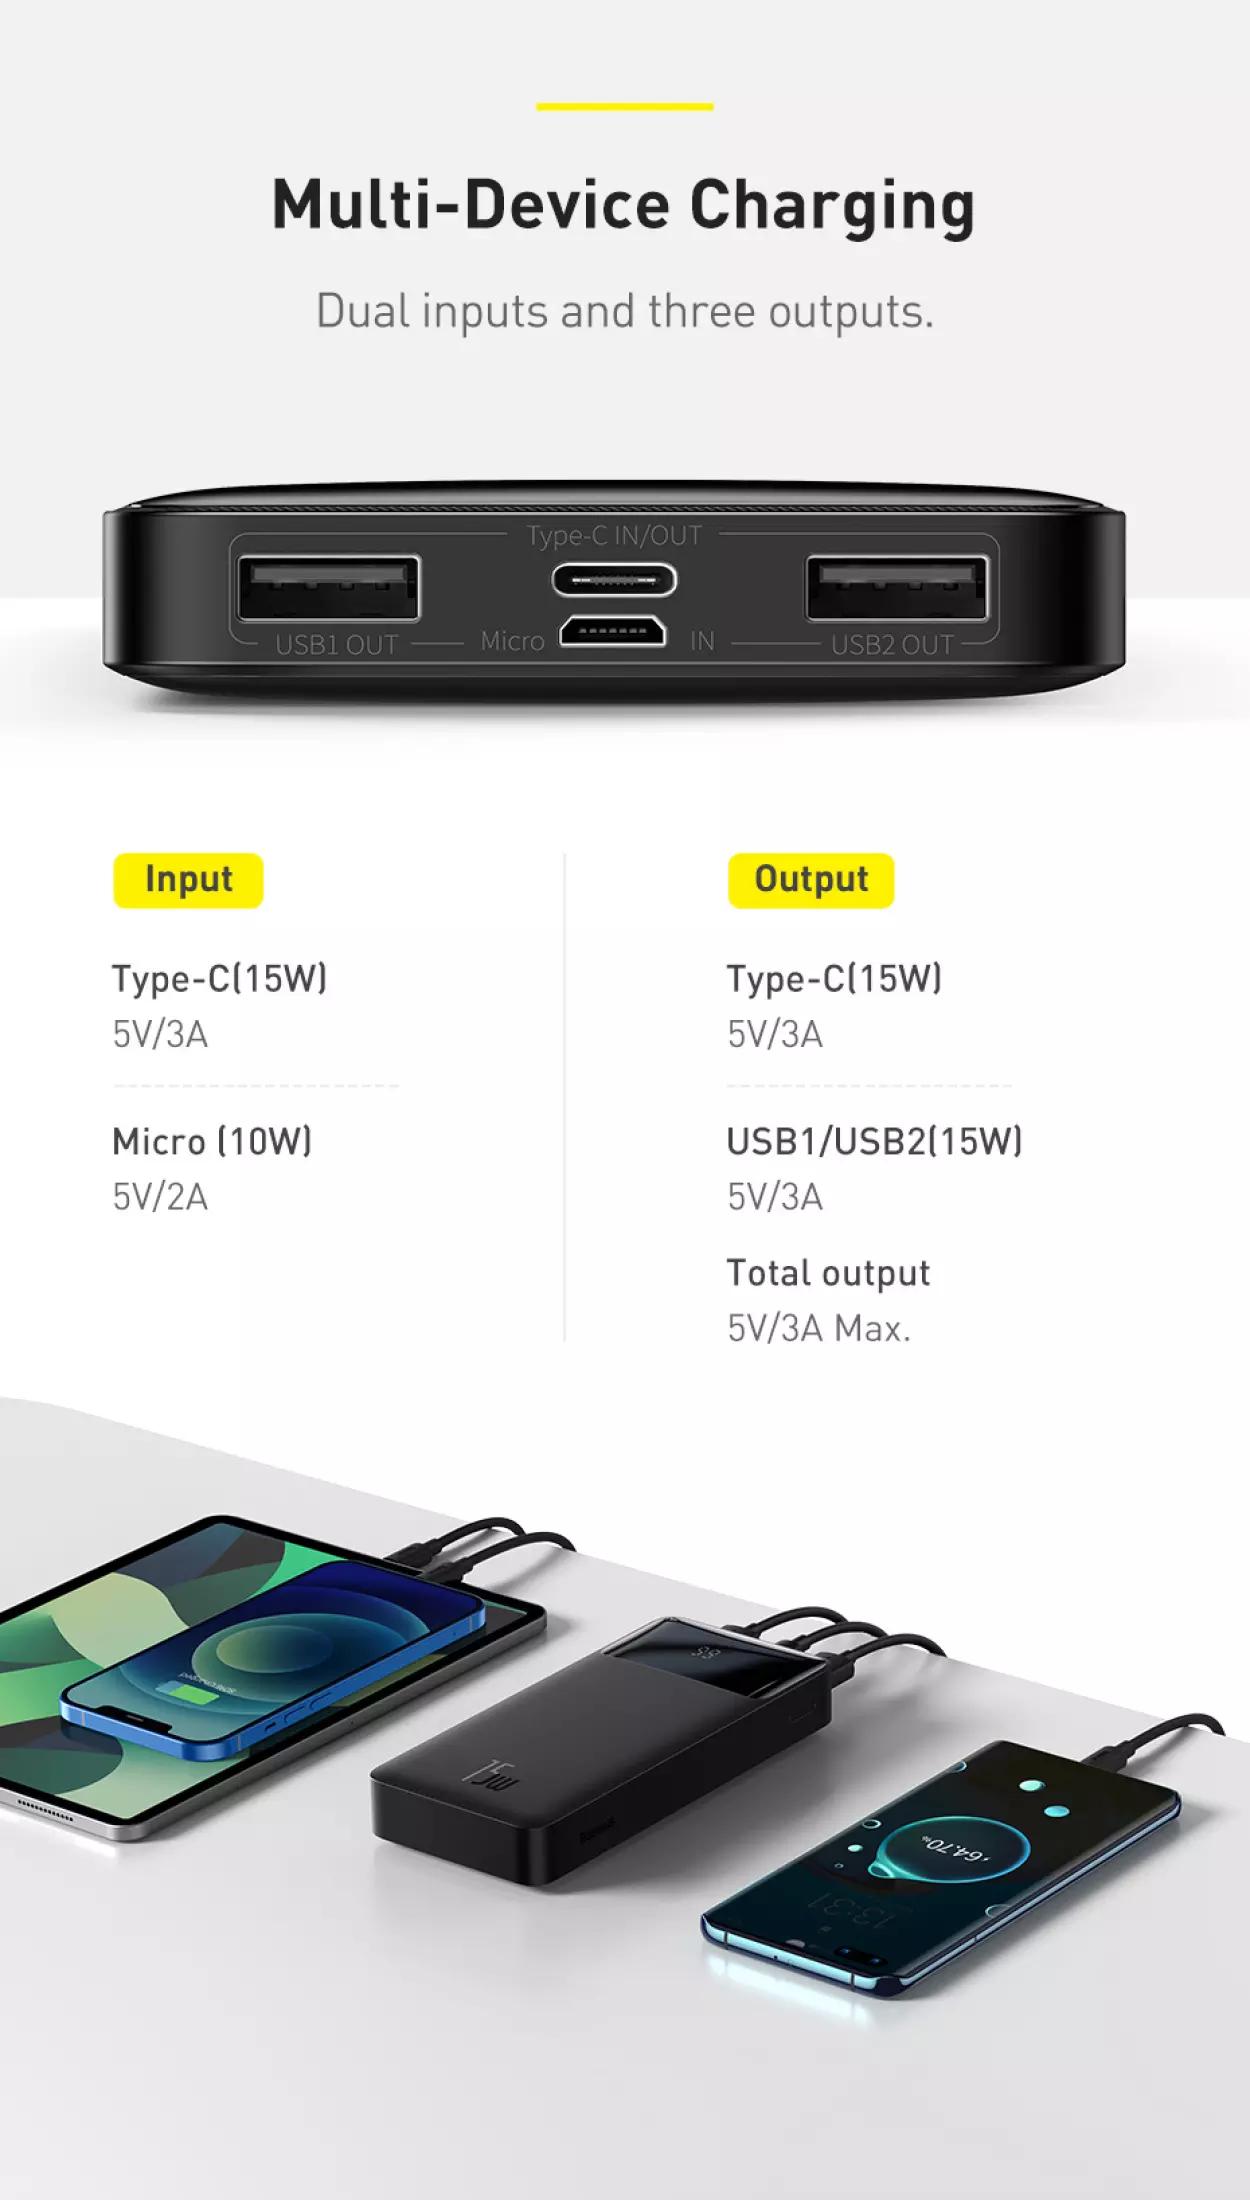 Pin sạc dự phòng Baseus dung lượng 10000mAh công suất 15W hoặc 20W, màn hình LED hiển thị, sạc nhanh QC, PD cho iPhone, Samsung, Xiaomi,....-Phân phối chính hãng tại Baseus Việt Nam 4